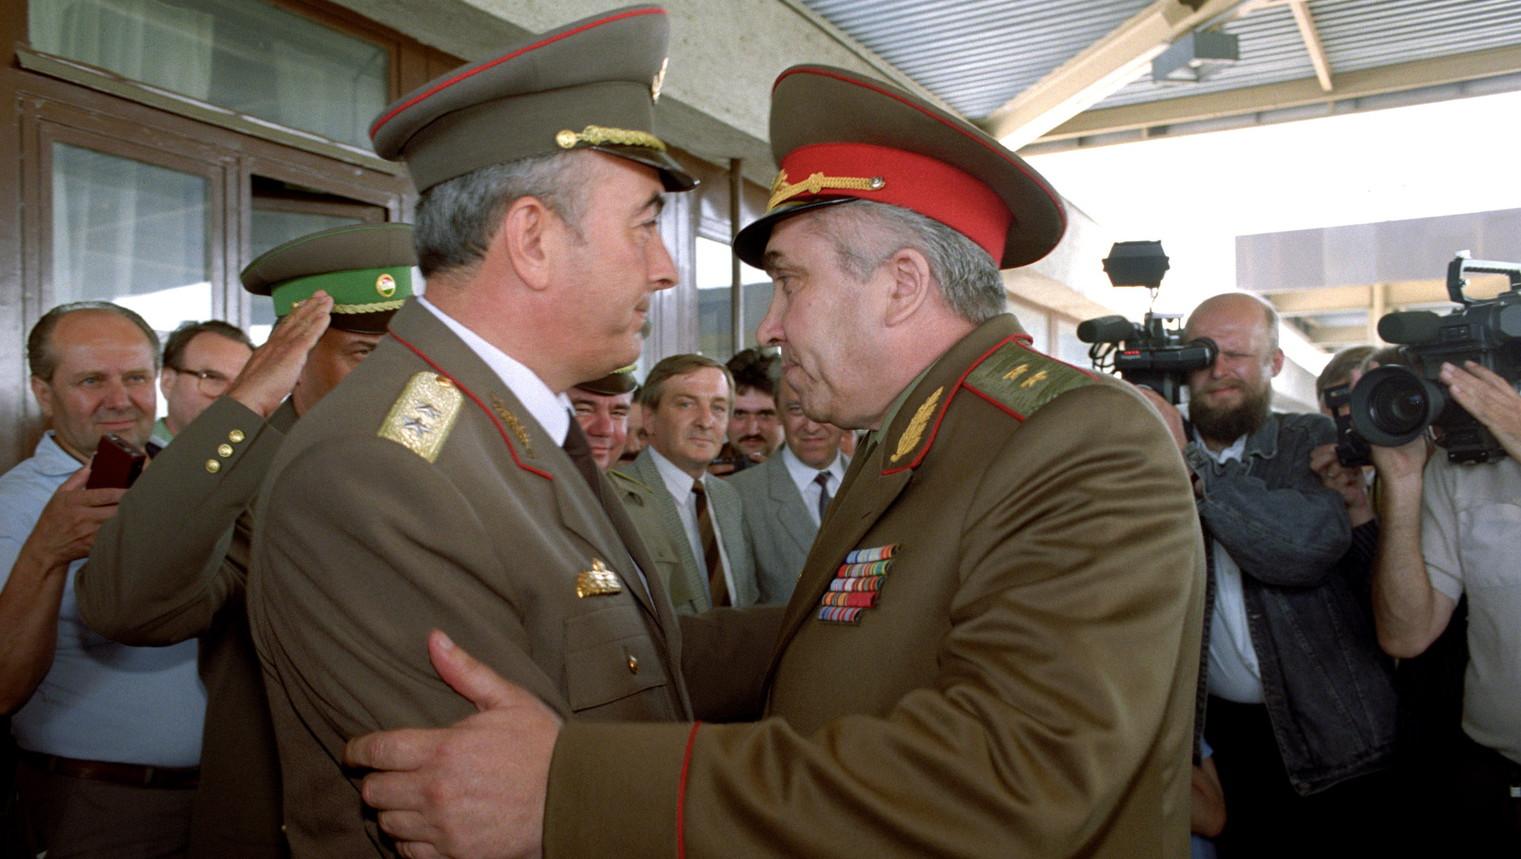 Annus Antal altábornagy, a Honvédelmi Minisztérium államtitkára (j) ünnepélyes keretek között búcsút vesz Viktor Silov (b) altábornagytól, a még hazánkban tartózkodó utolsó szovjet katonától, aki június 19-én, 15 óra 1 perckor elhagyta Magyarországot - a Déli Hadseregcsoport parancsnoka az alakulatok teljes kivonása után, utolsóként lépte át a szovjet-magyar határt a záhony-csapi átkelőhelyen (MTI Fotó: Kleb Attila)